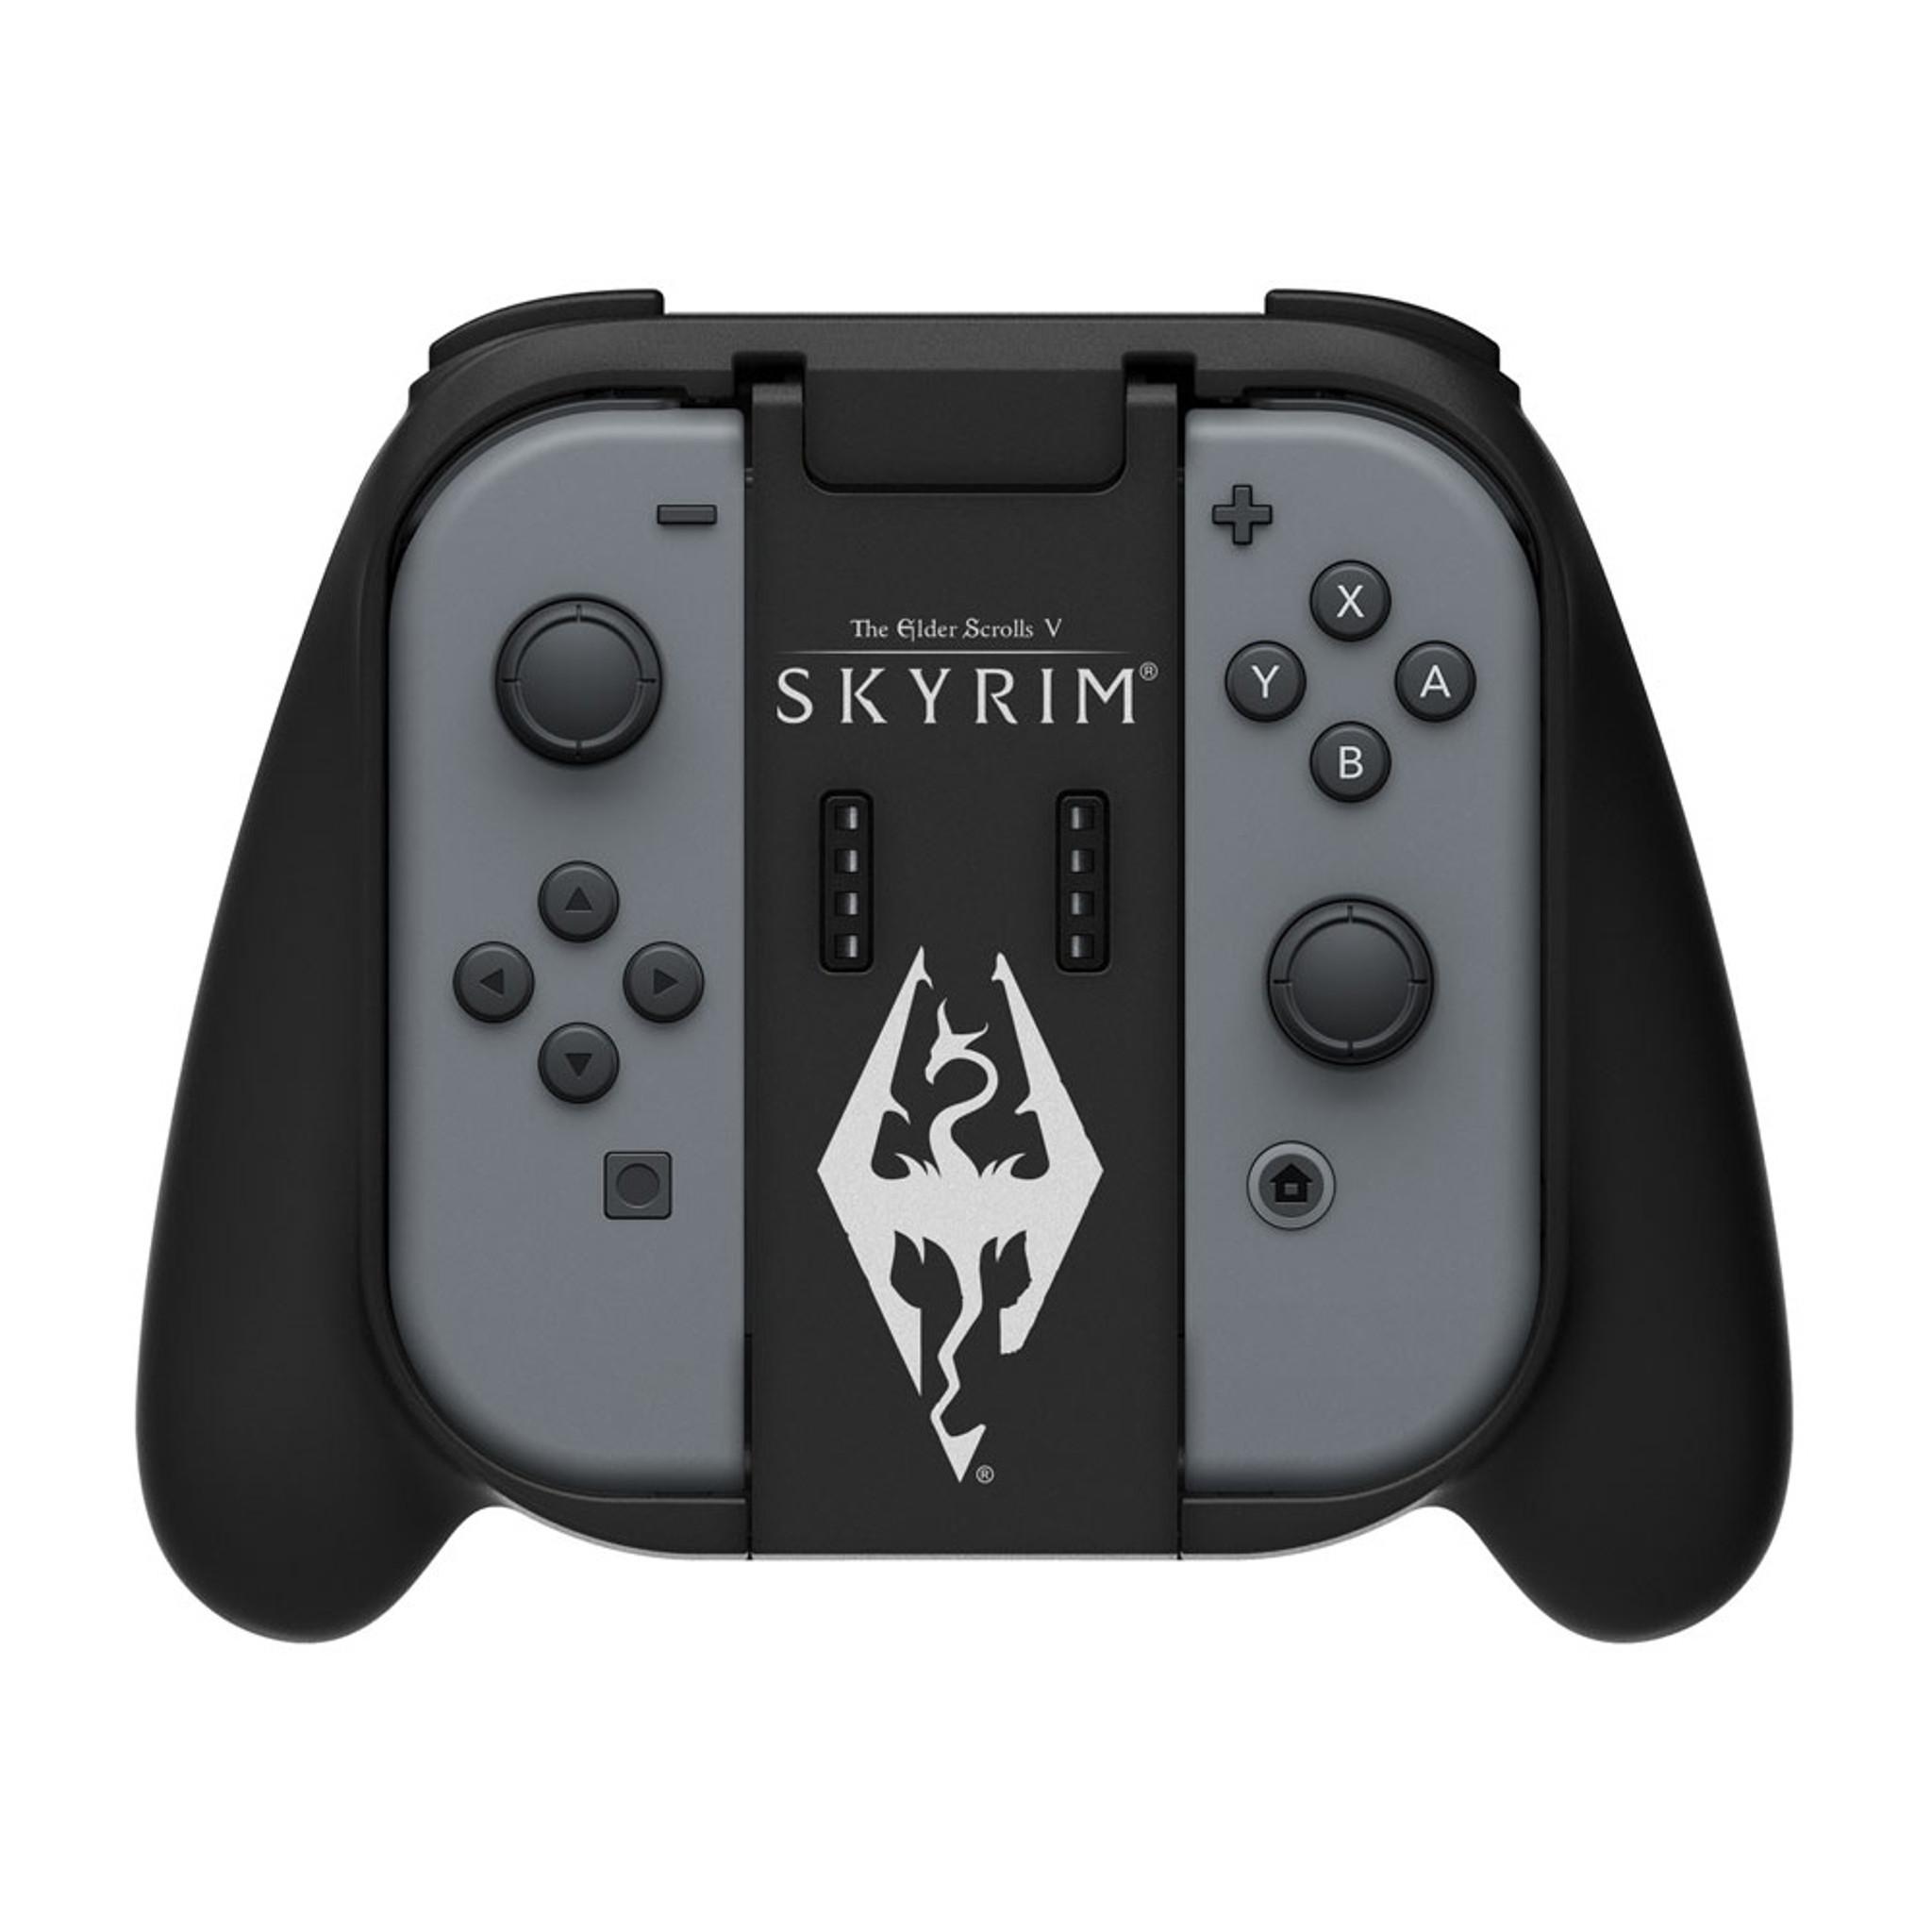 Skyrim Accessory Set for Nintendo Switch